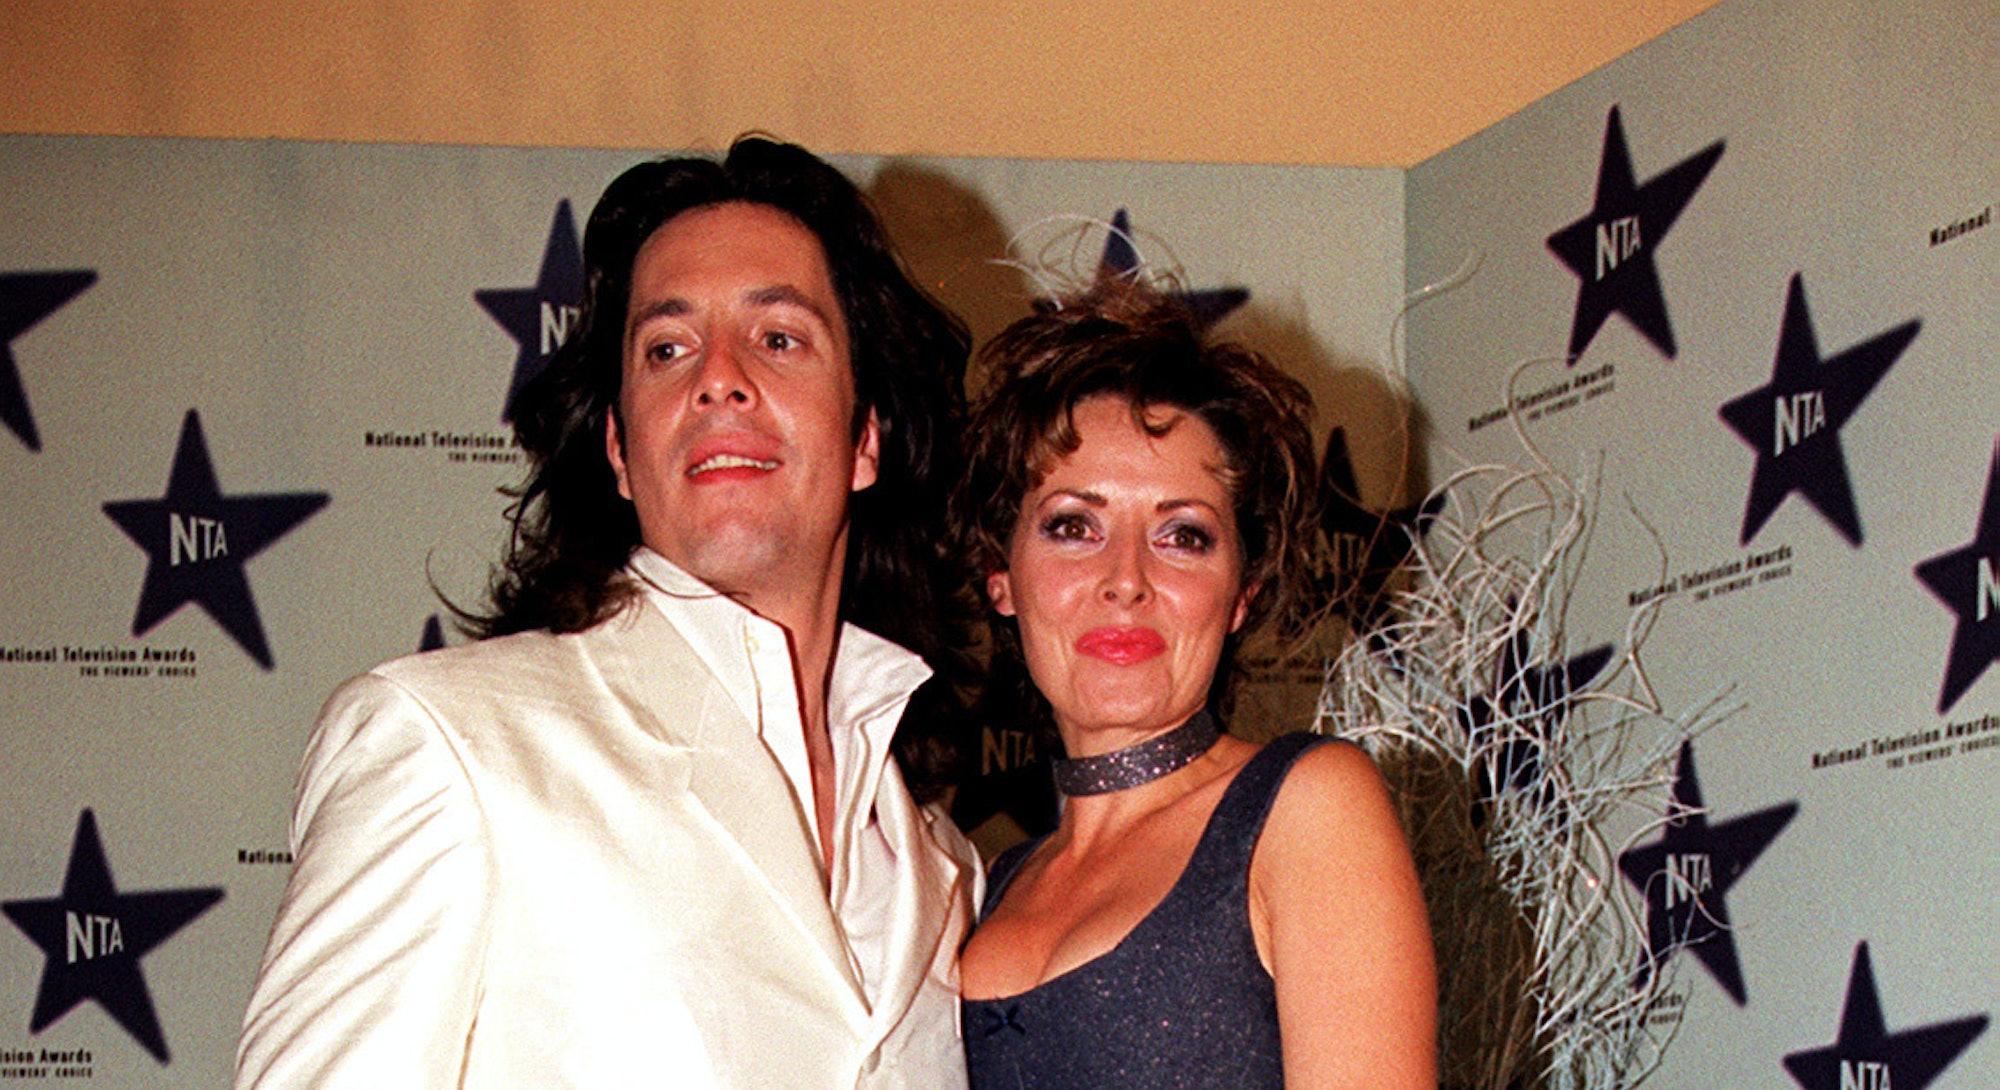 Laurence Llewelyn-Bowen & Carol Vorderman at the 1999 NTAs.